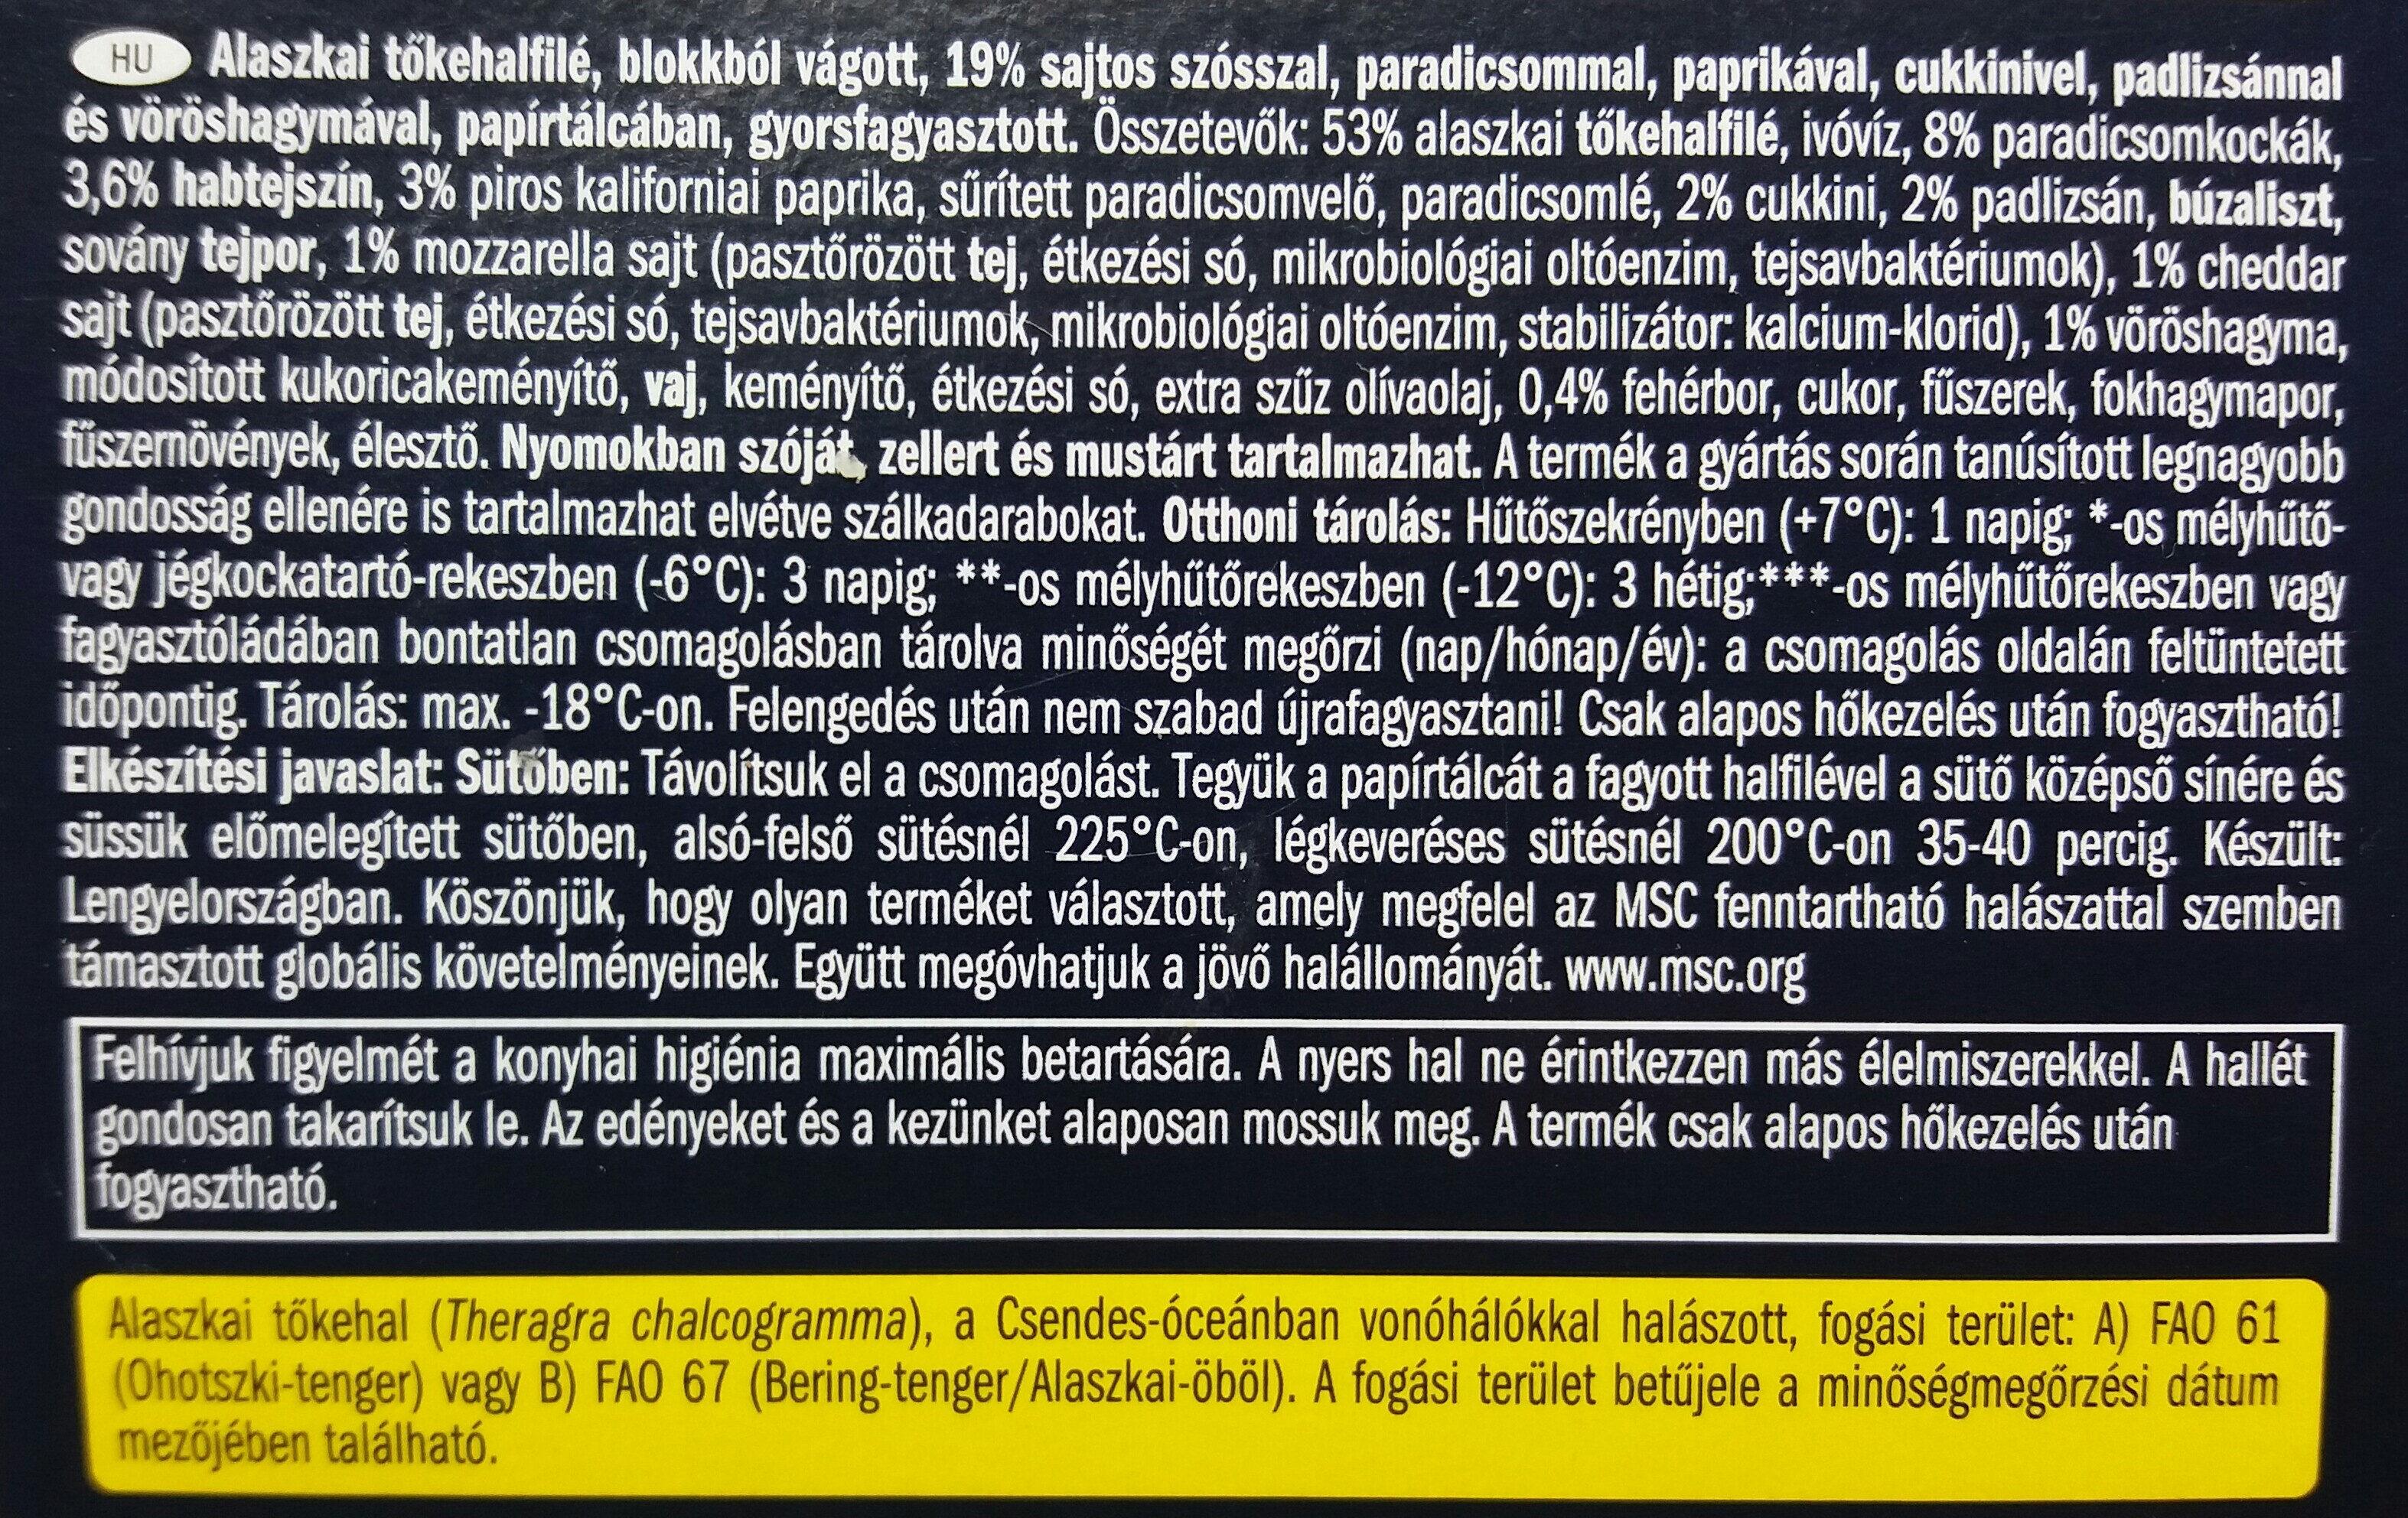 Alaszkai tőkehalfilé, zöldséges - sajtos - Ingredients - hu